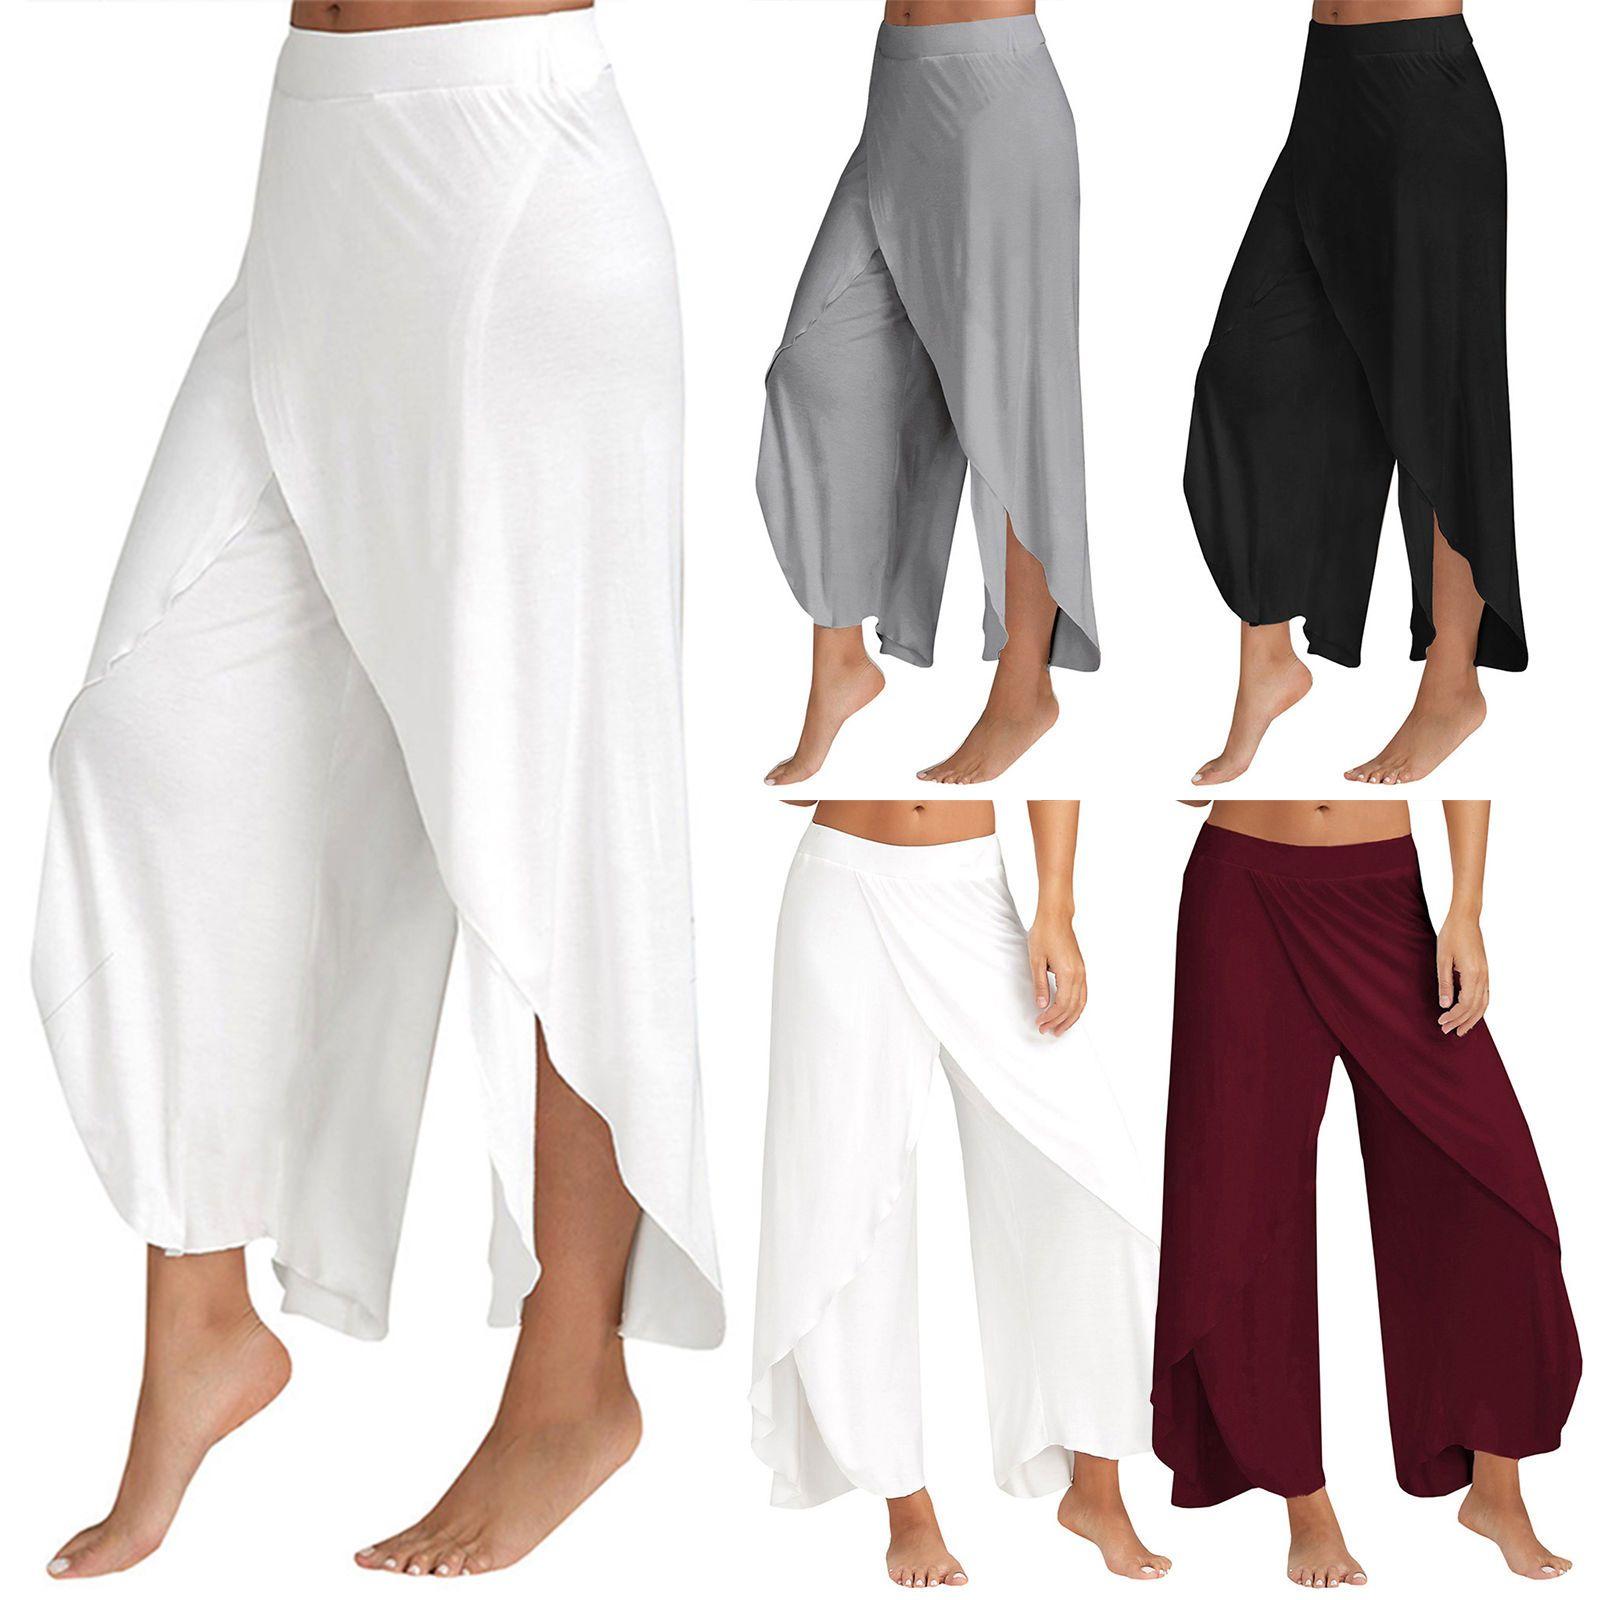 preisreduziert besserer Preis für Online-Einzelhändler Pumphose Haremshose Aladinhose Yoga Damen Aladin Chiffon ...